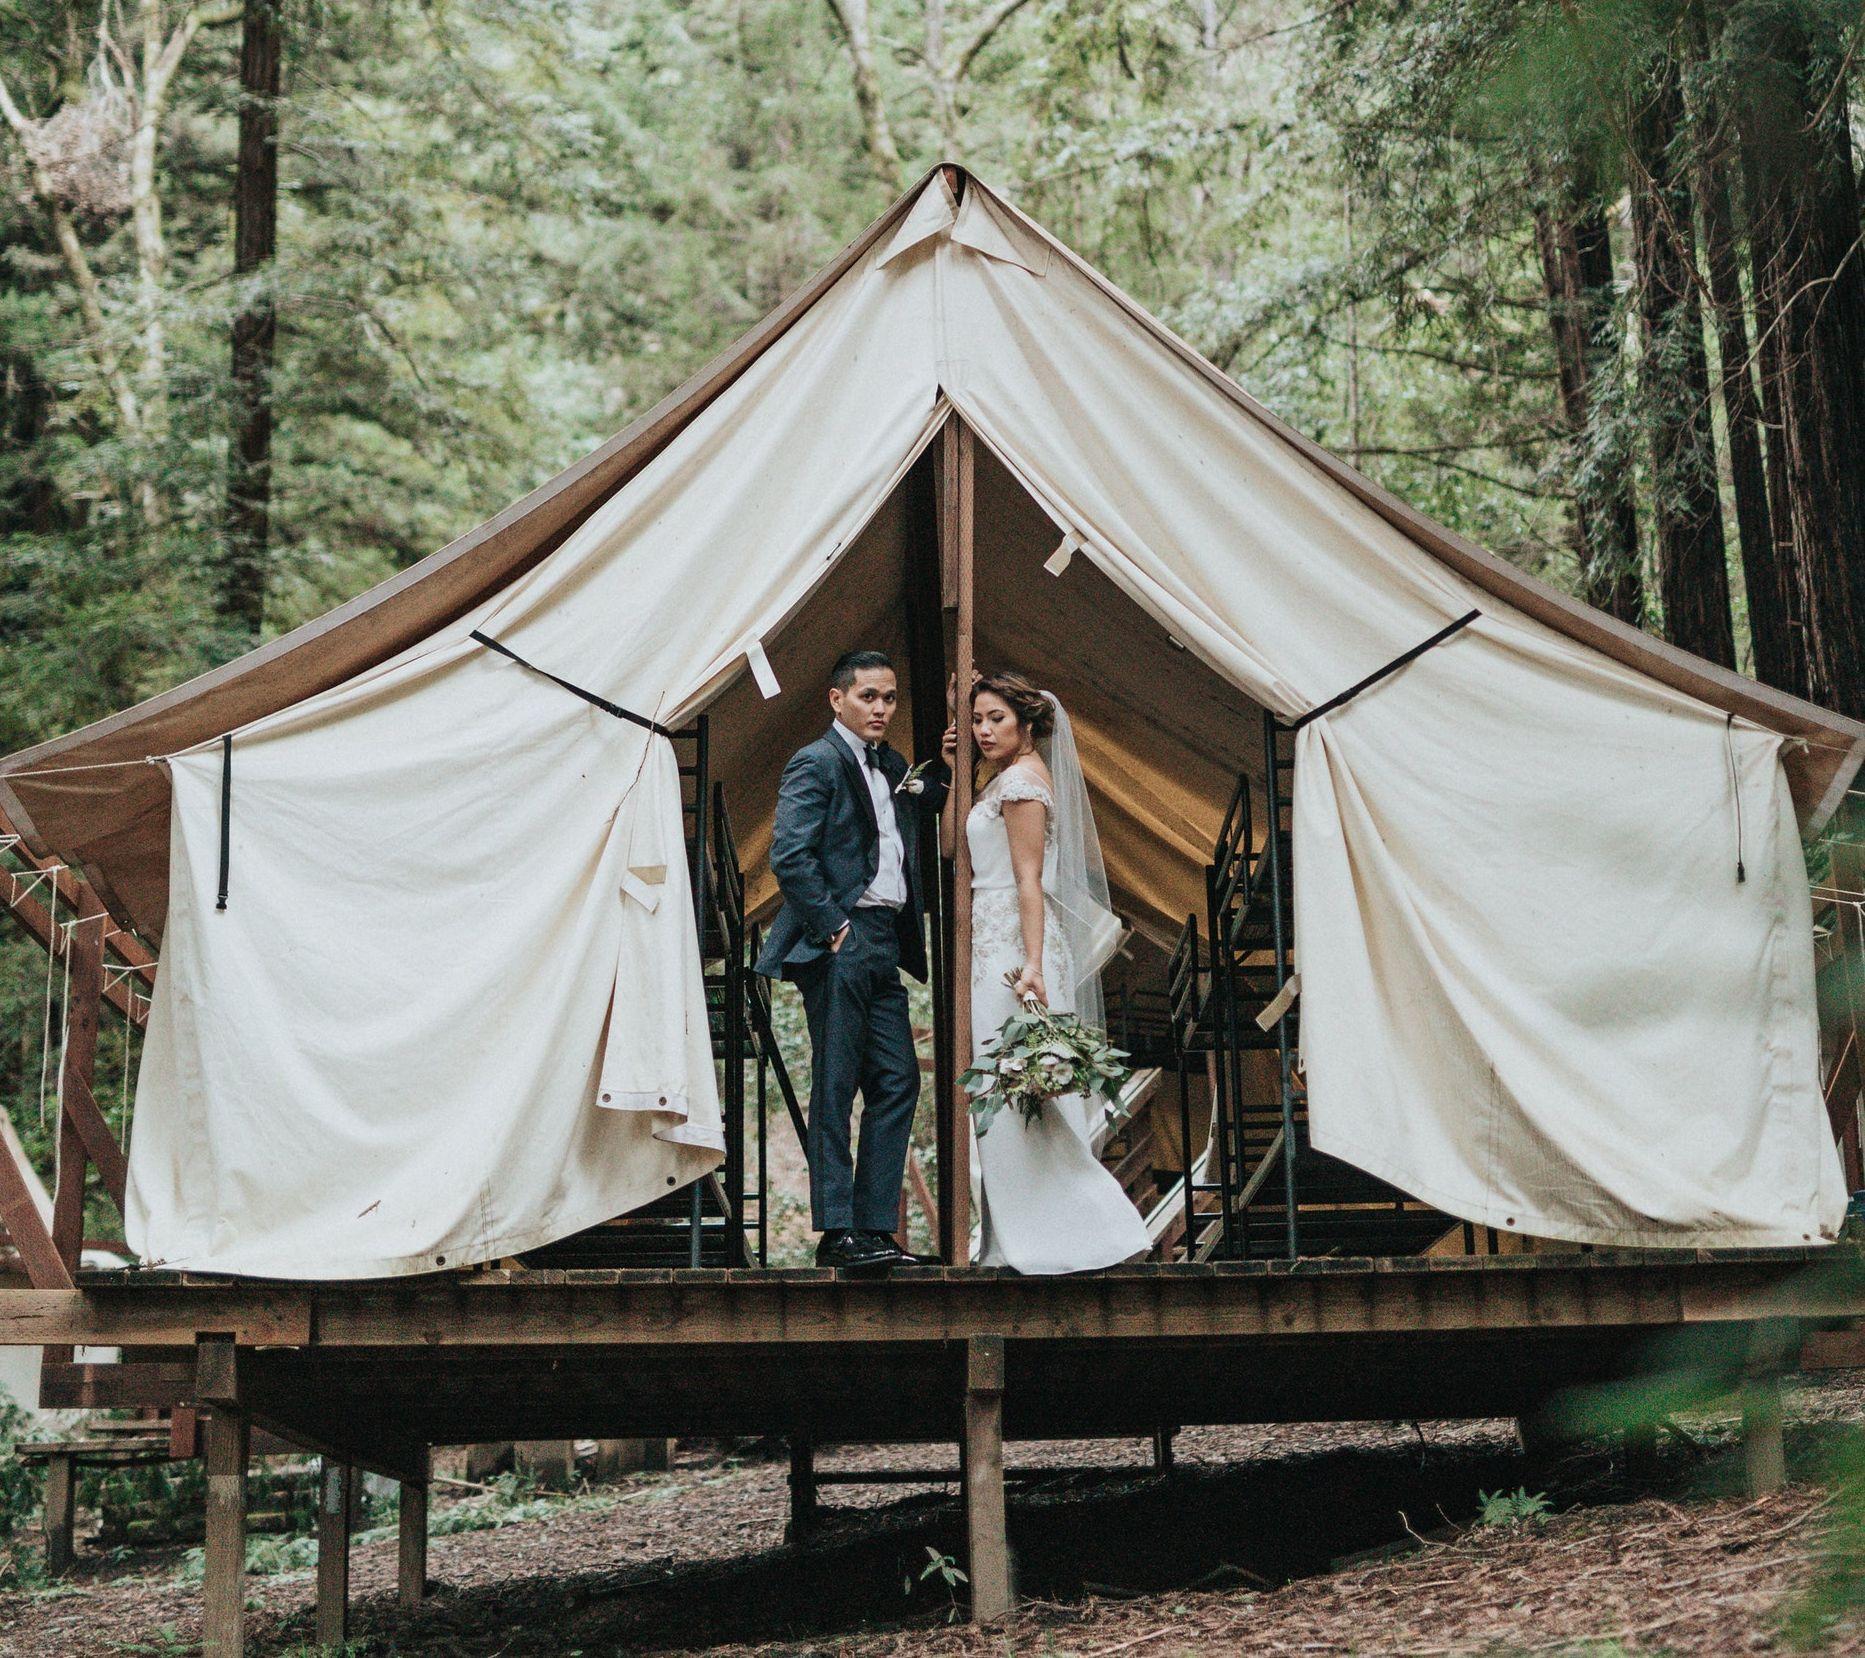 Wat betekent glamping eigenlijk - Luxe tent, glamorous camping - www.luxetenthuren.nl